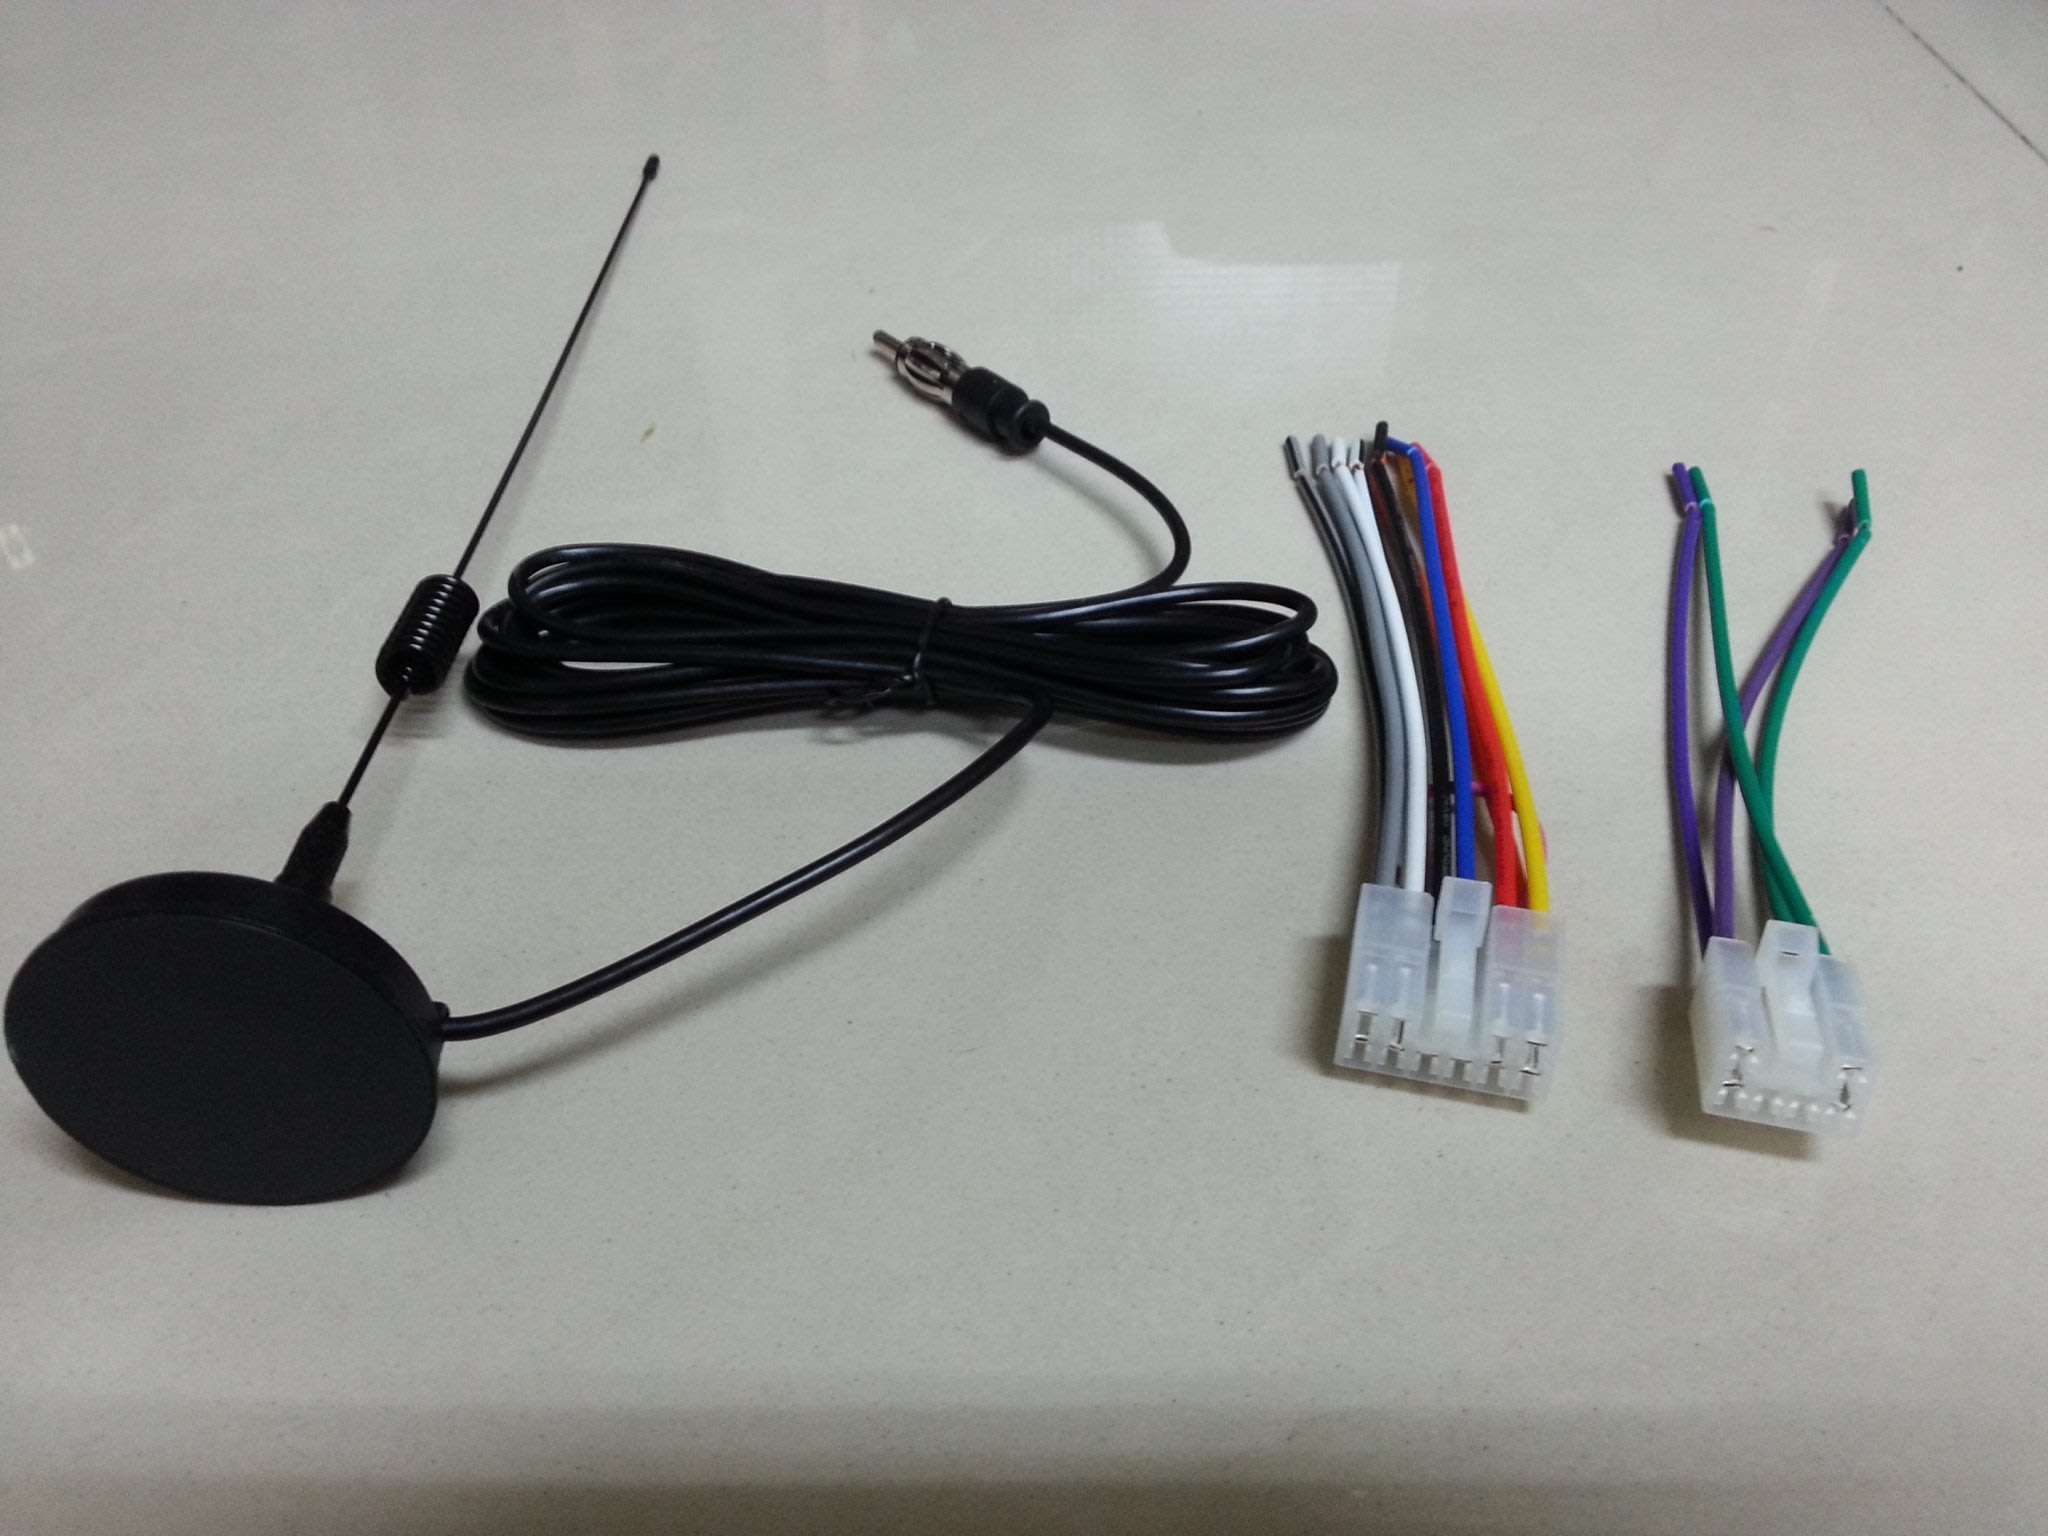 DIY 豐田TOYOTA-CAMRY,VIOS,ALTIS,RAV4,WISH,YARIS原廠音響主機專用電源線組天線